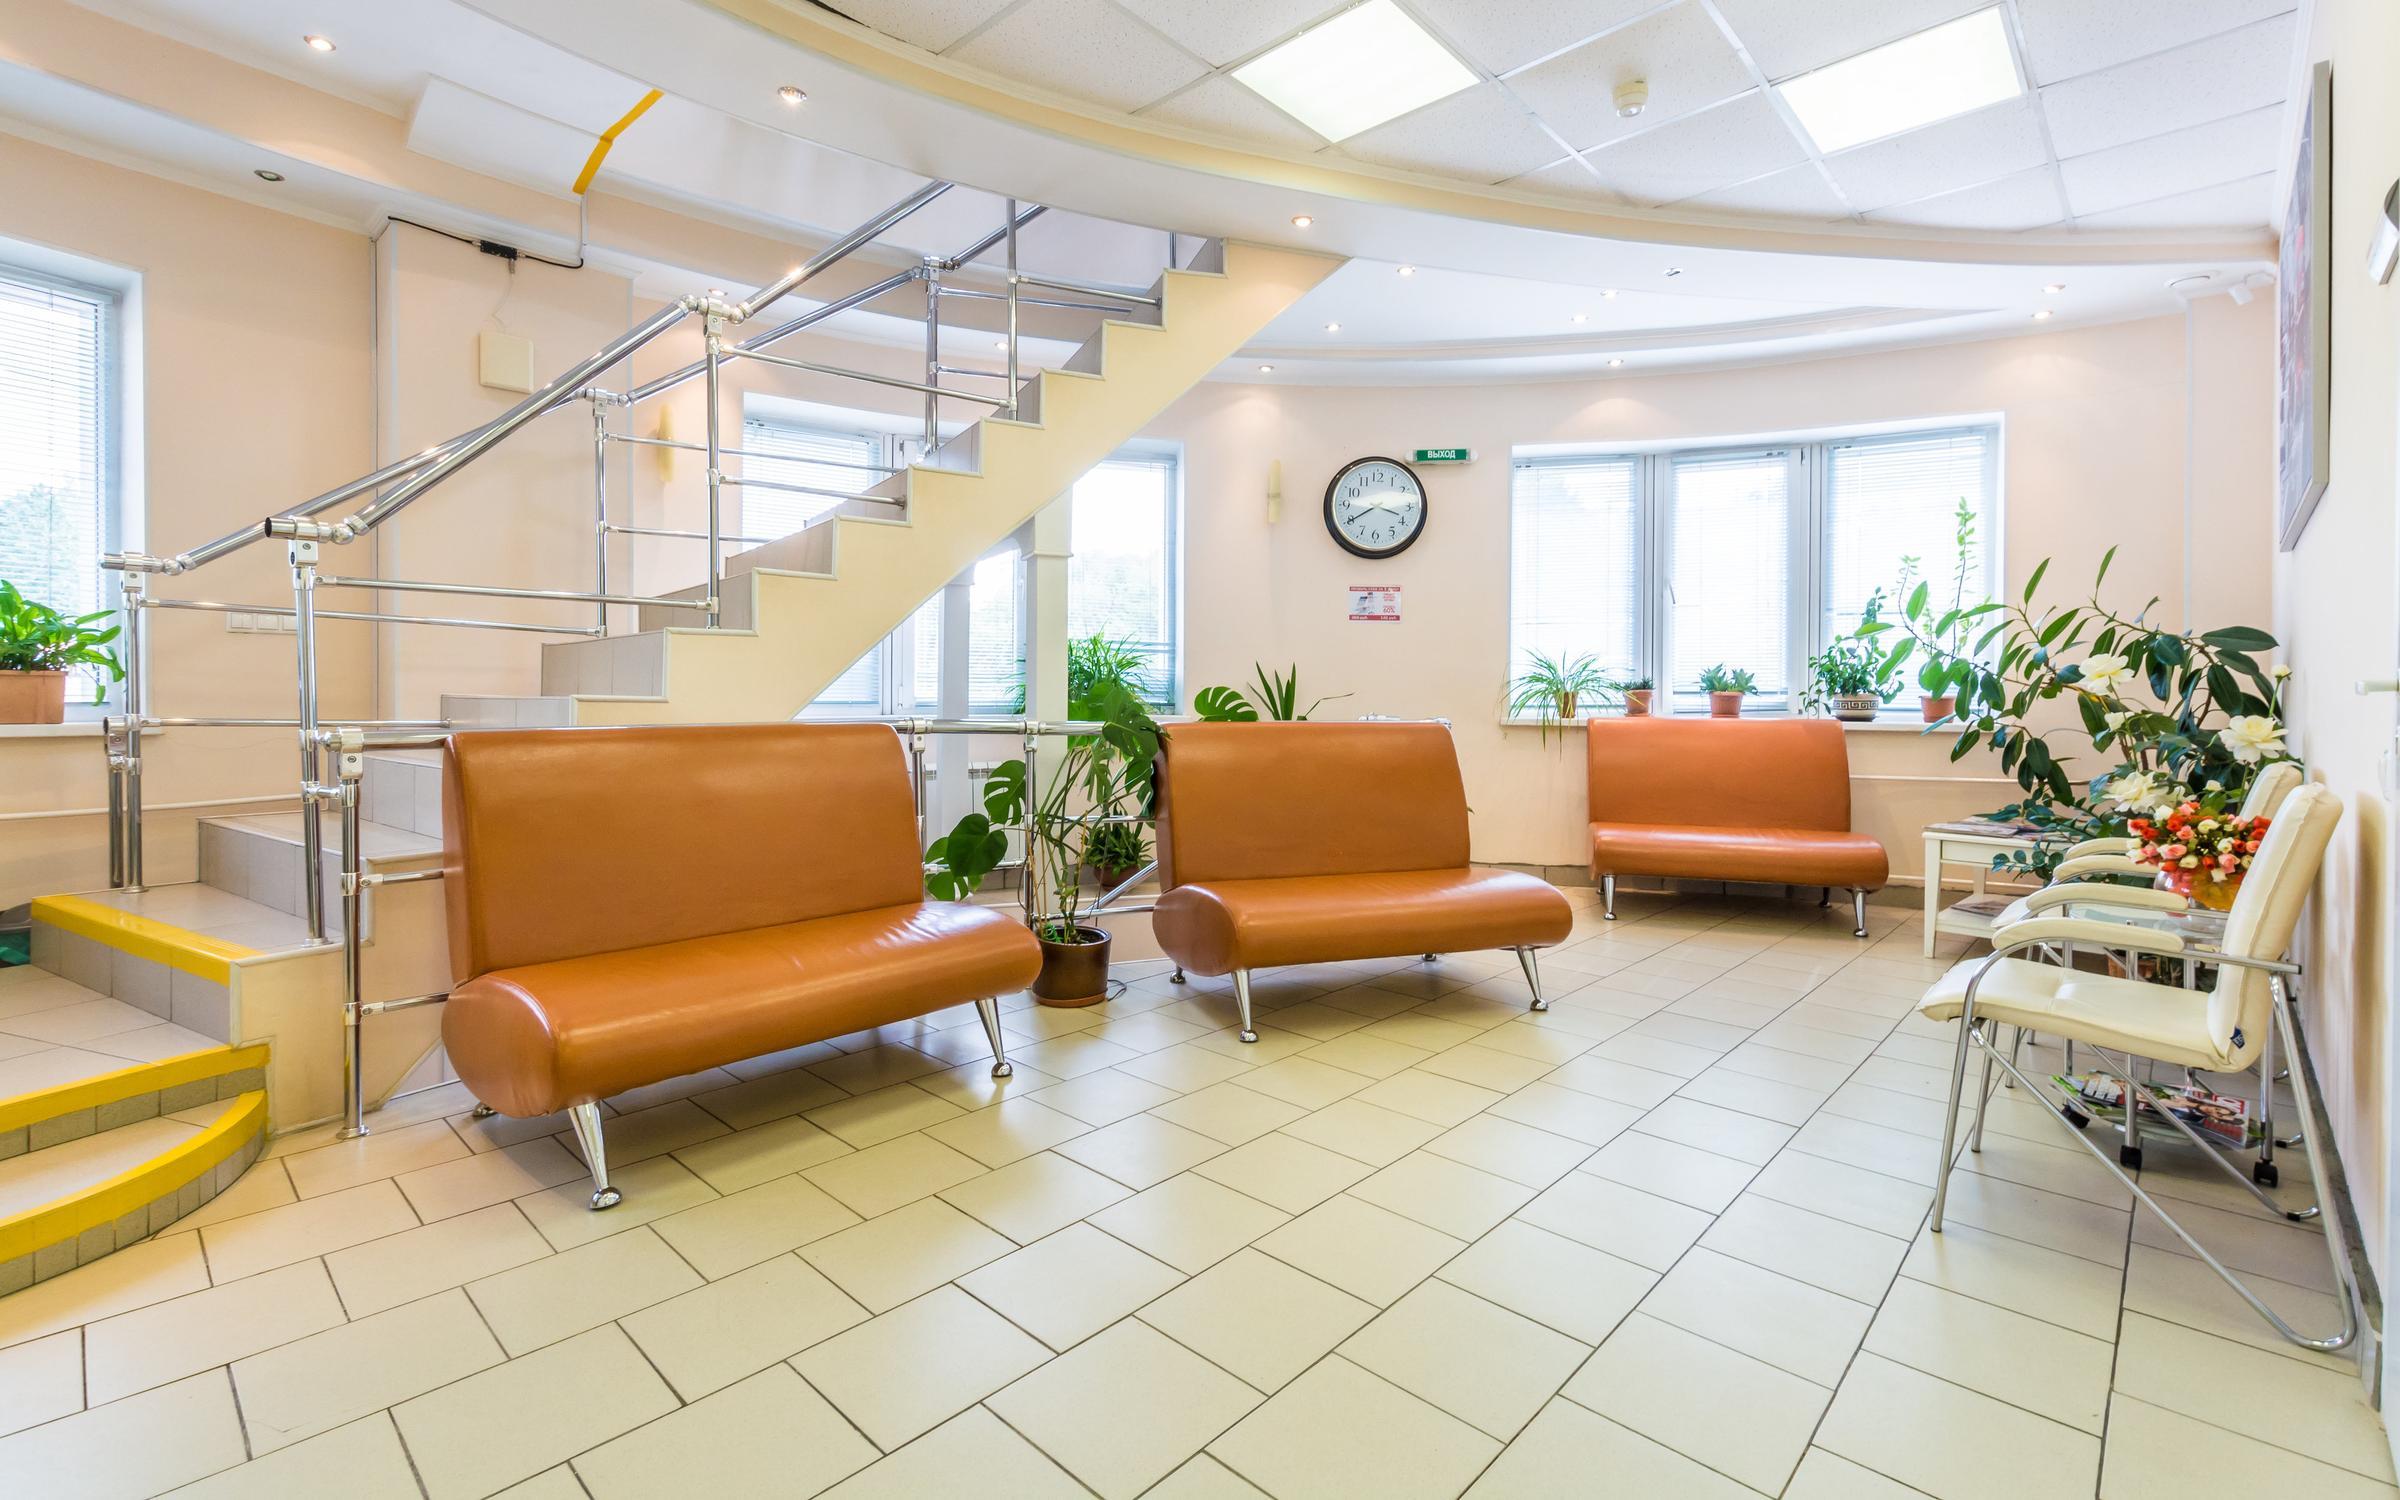 фотография Медицинского центра Диагностика на Живописной улице